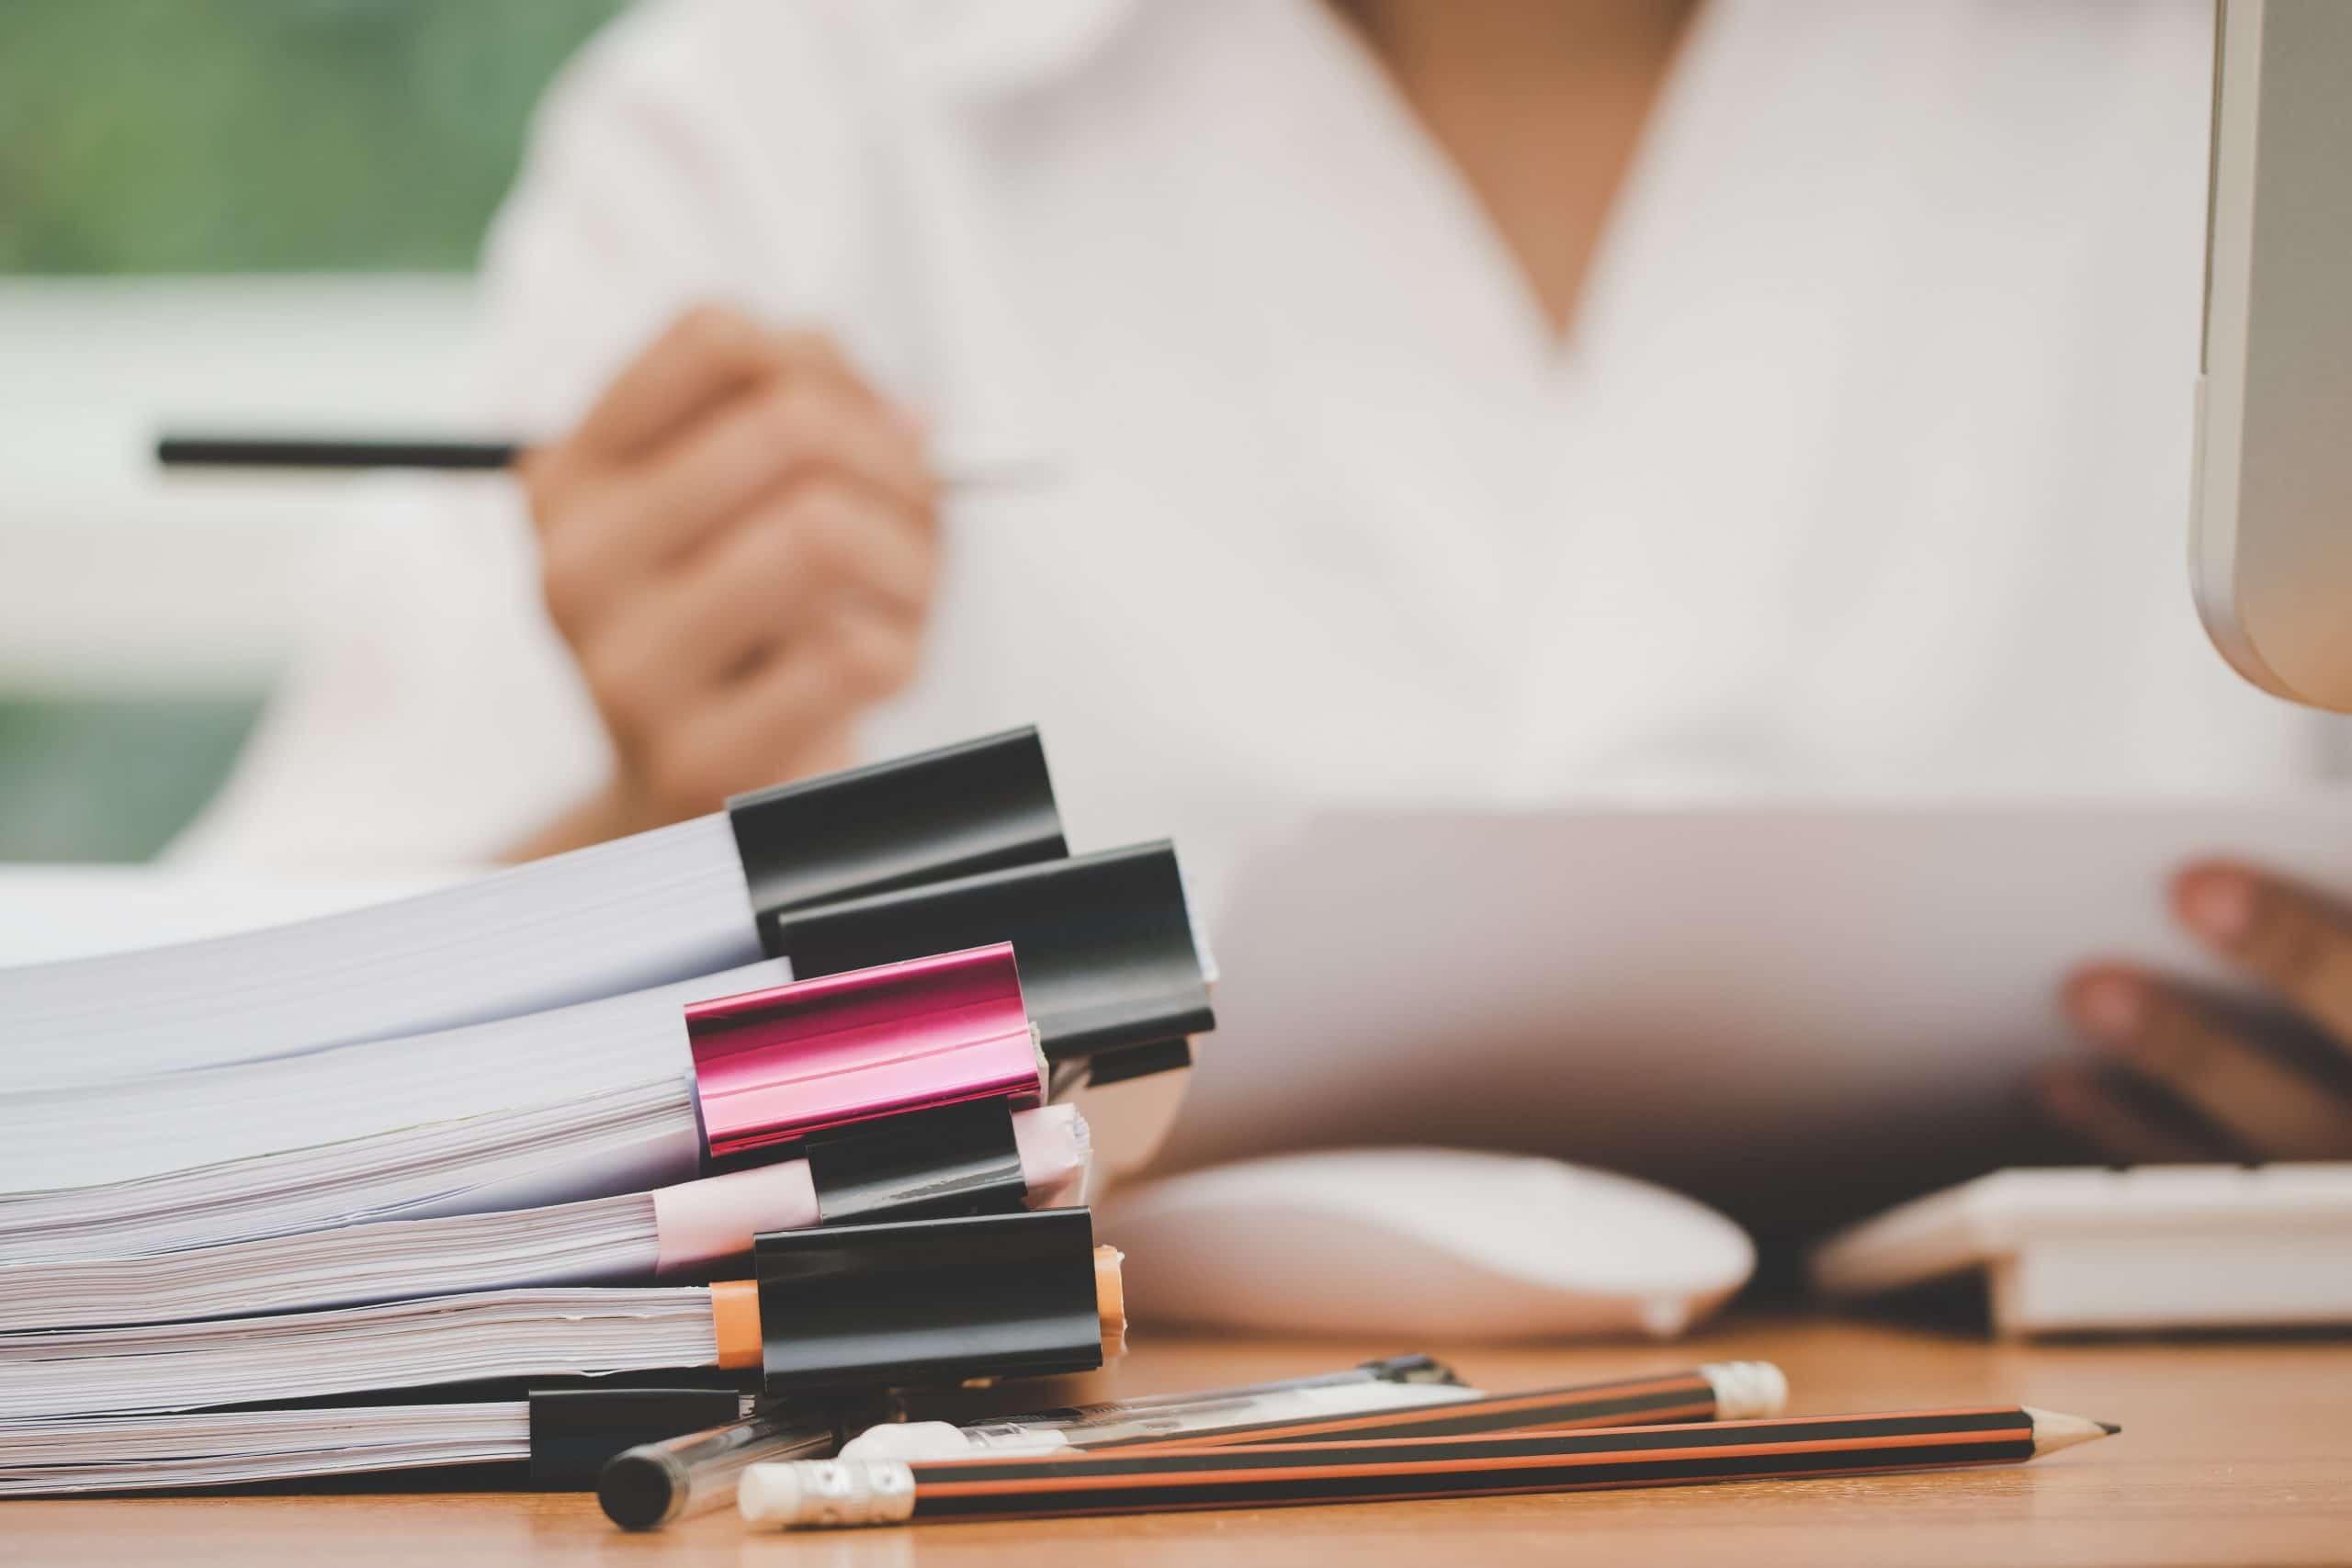 Femme a son bureau écrivant sur un document avec des dossiers devant elle